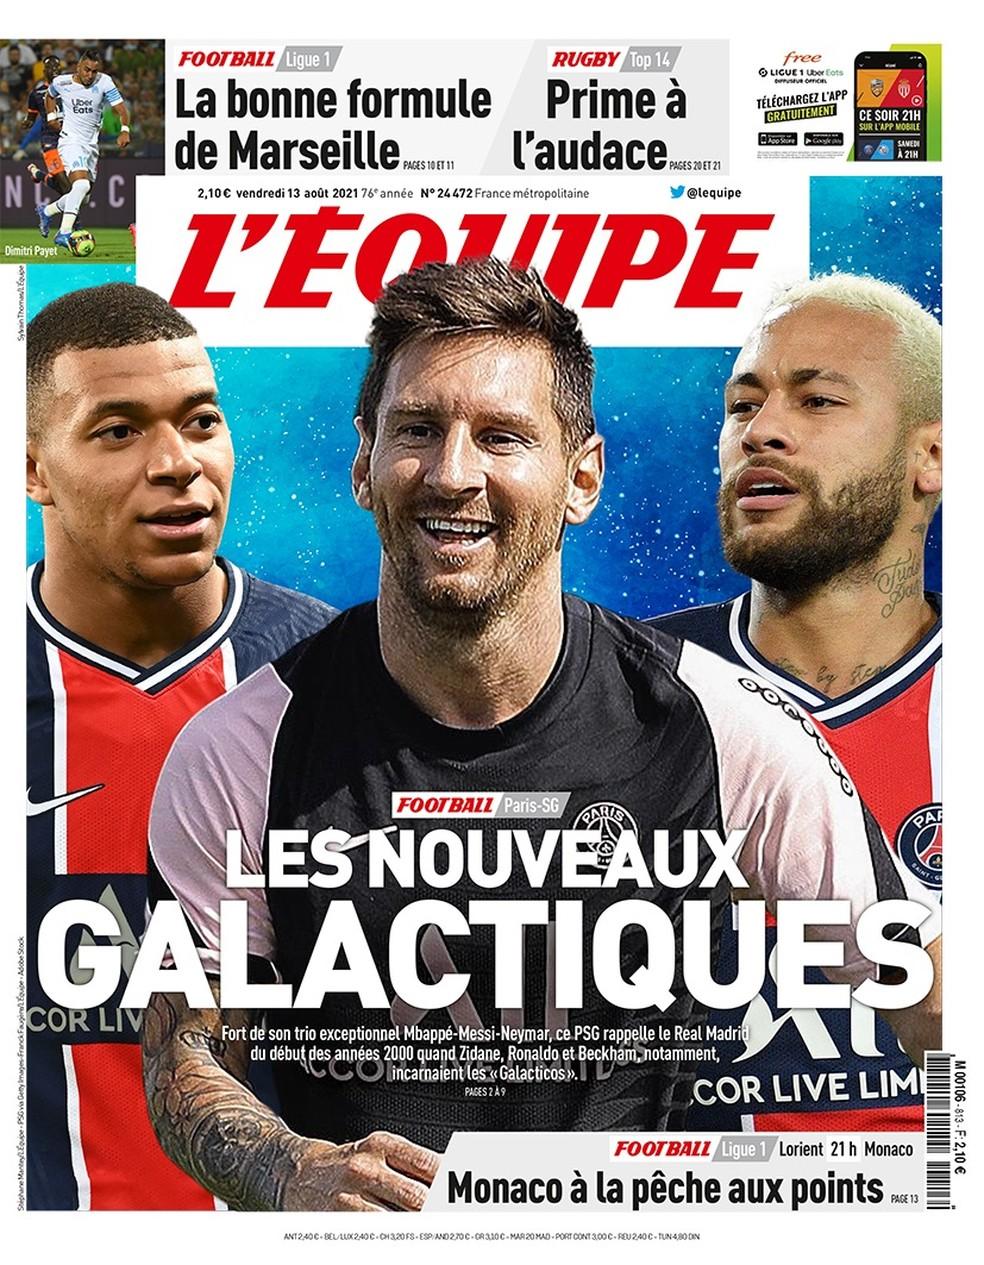 Capa do jornal L'Equipe com Mbappé, Messi e Neymar: Os novos galácticos — Foto: Reprodução